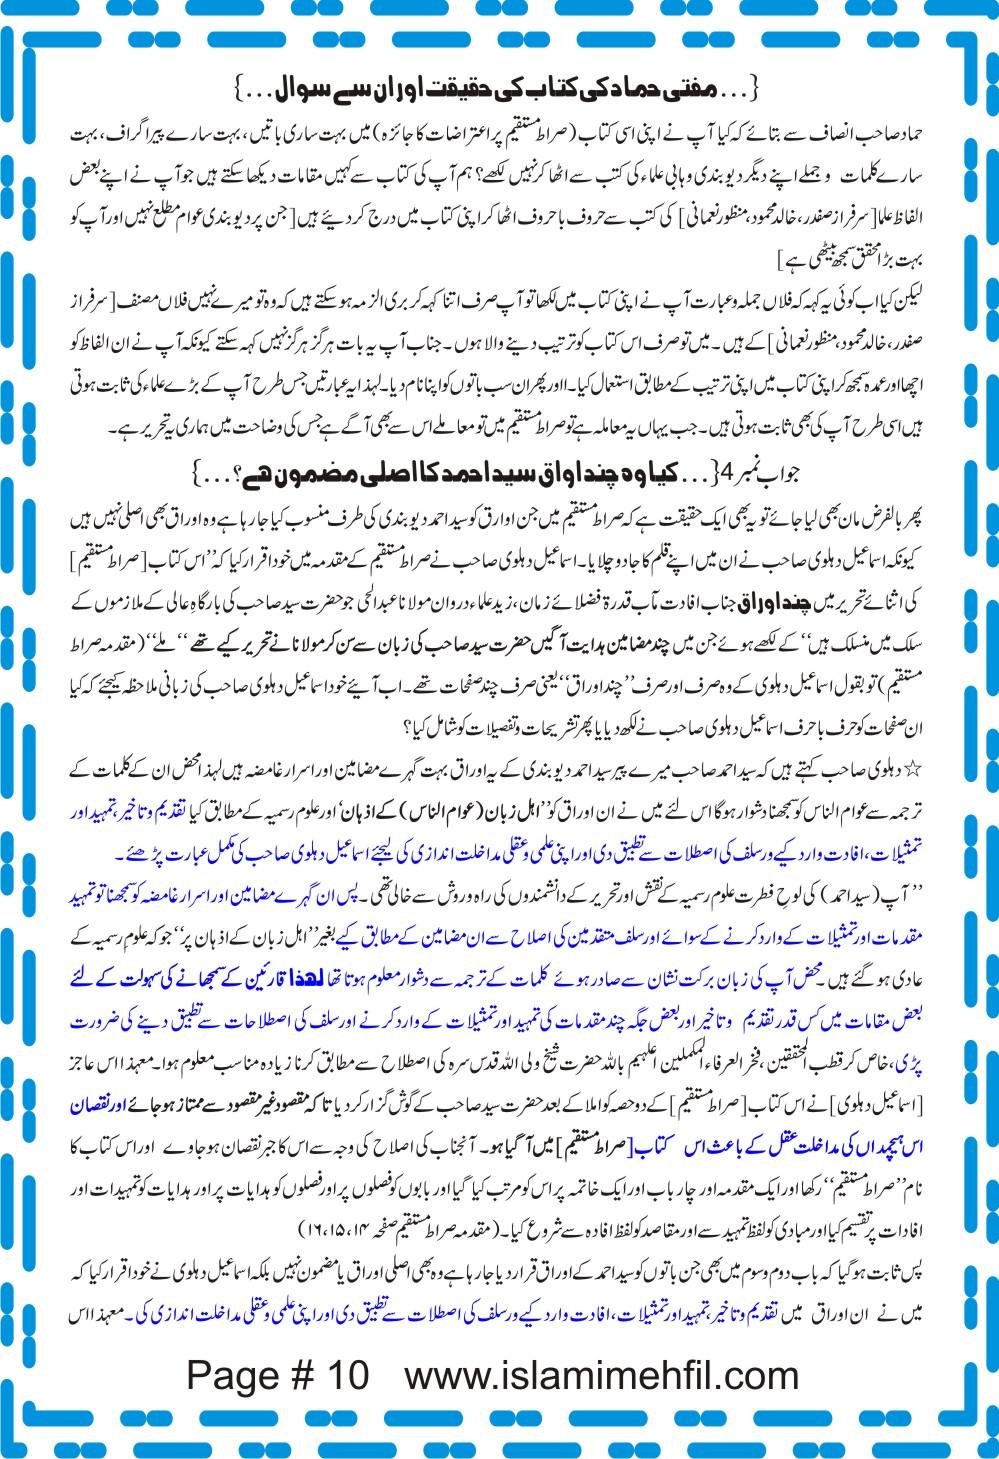 Siratul Mustaqeem (10).jpg